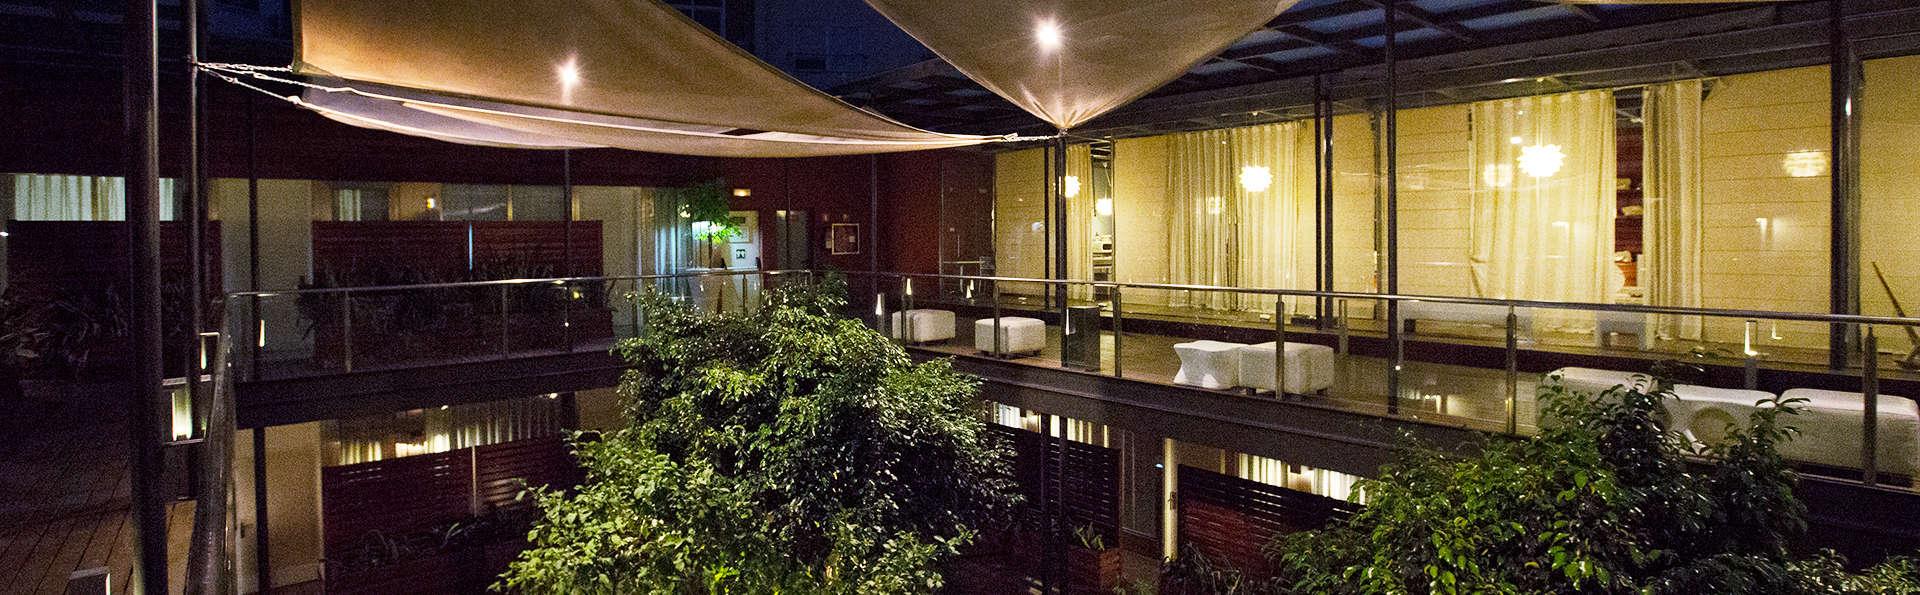 Valencia de lujo con cena gastronómica, spa y masaje en un exclusivo hotel en pleno centro